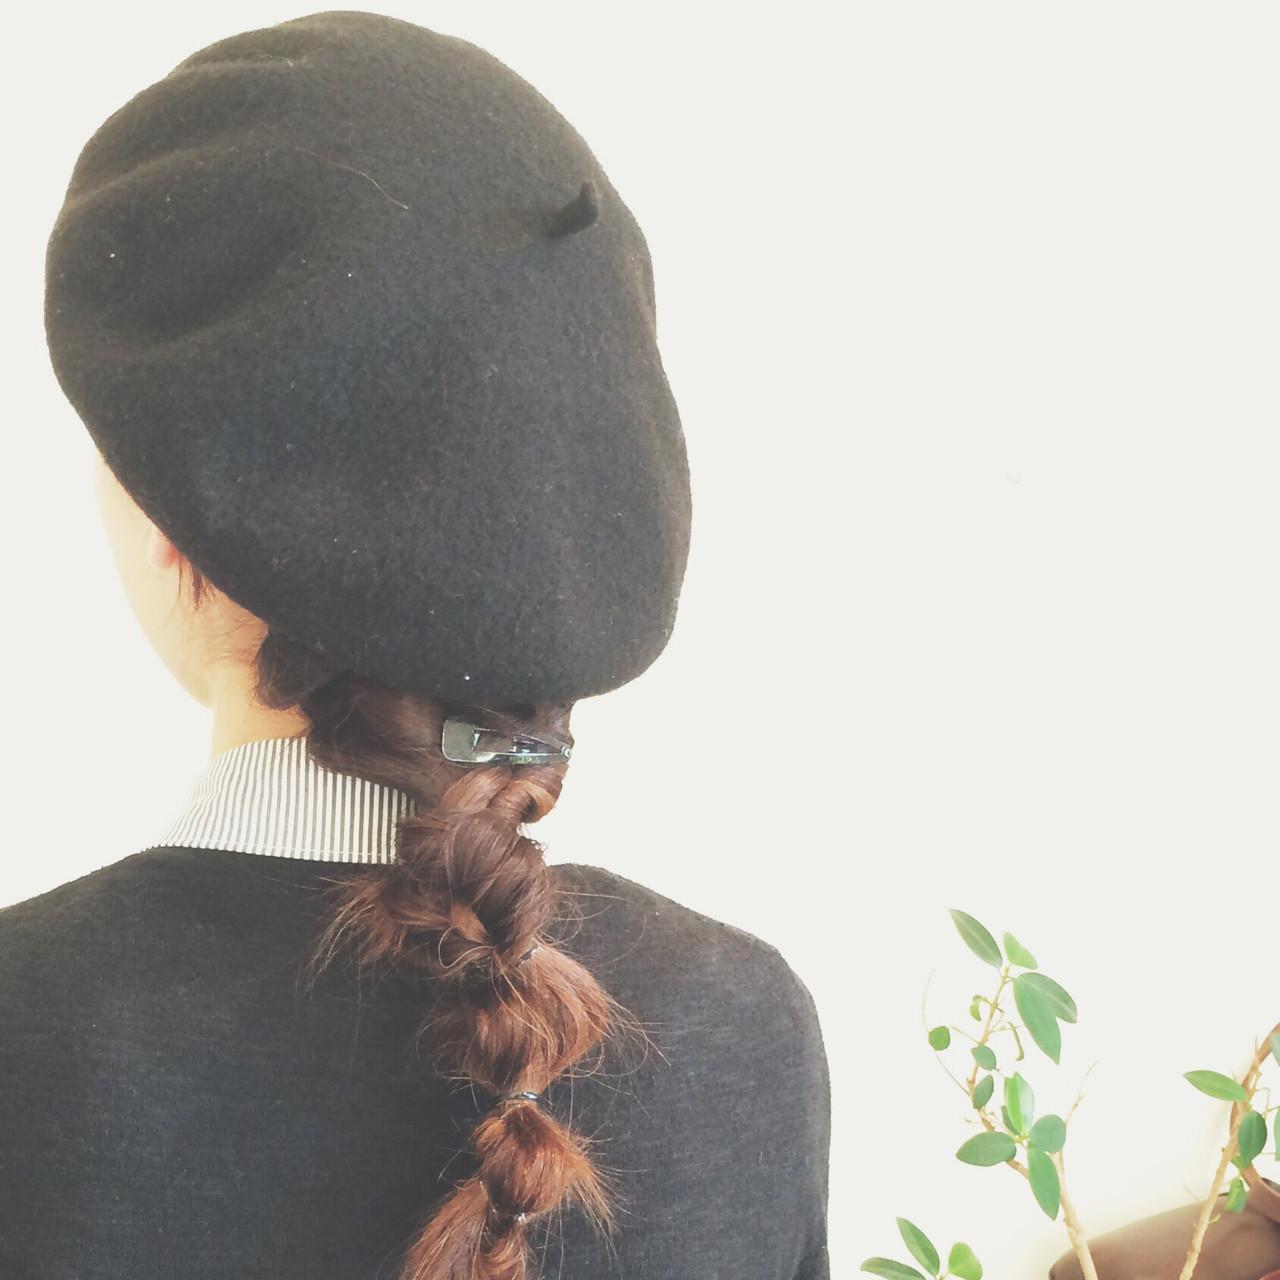 ねじり ロング ストリート ベレー帽 ヘアスタイルや髪型の写真・画像